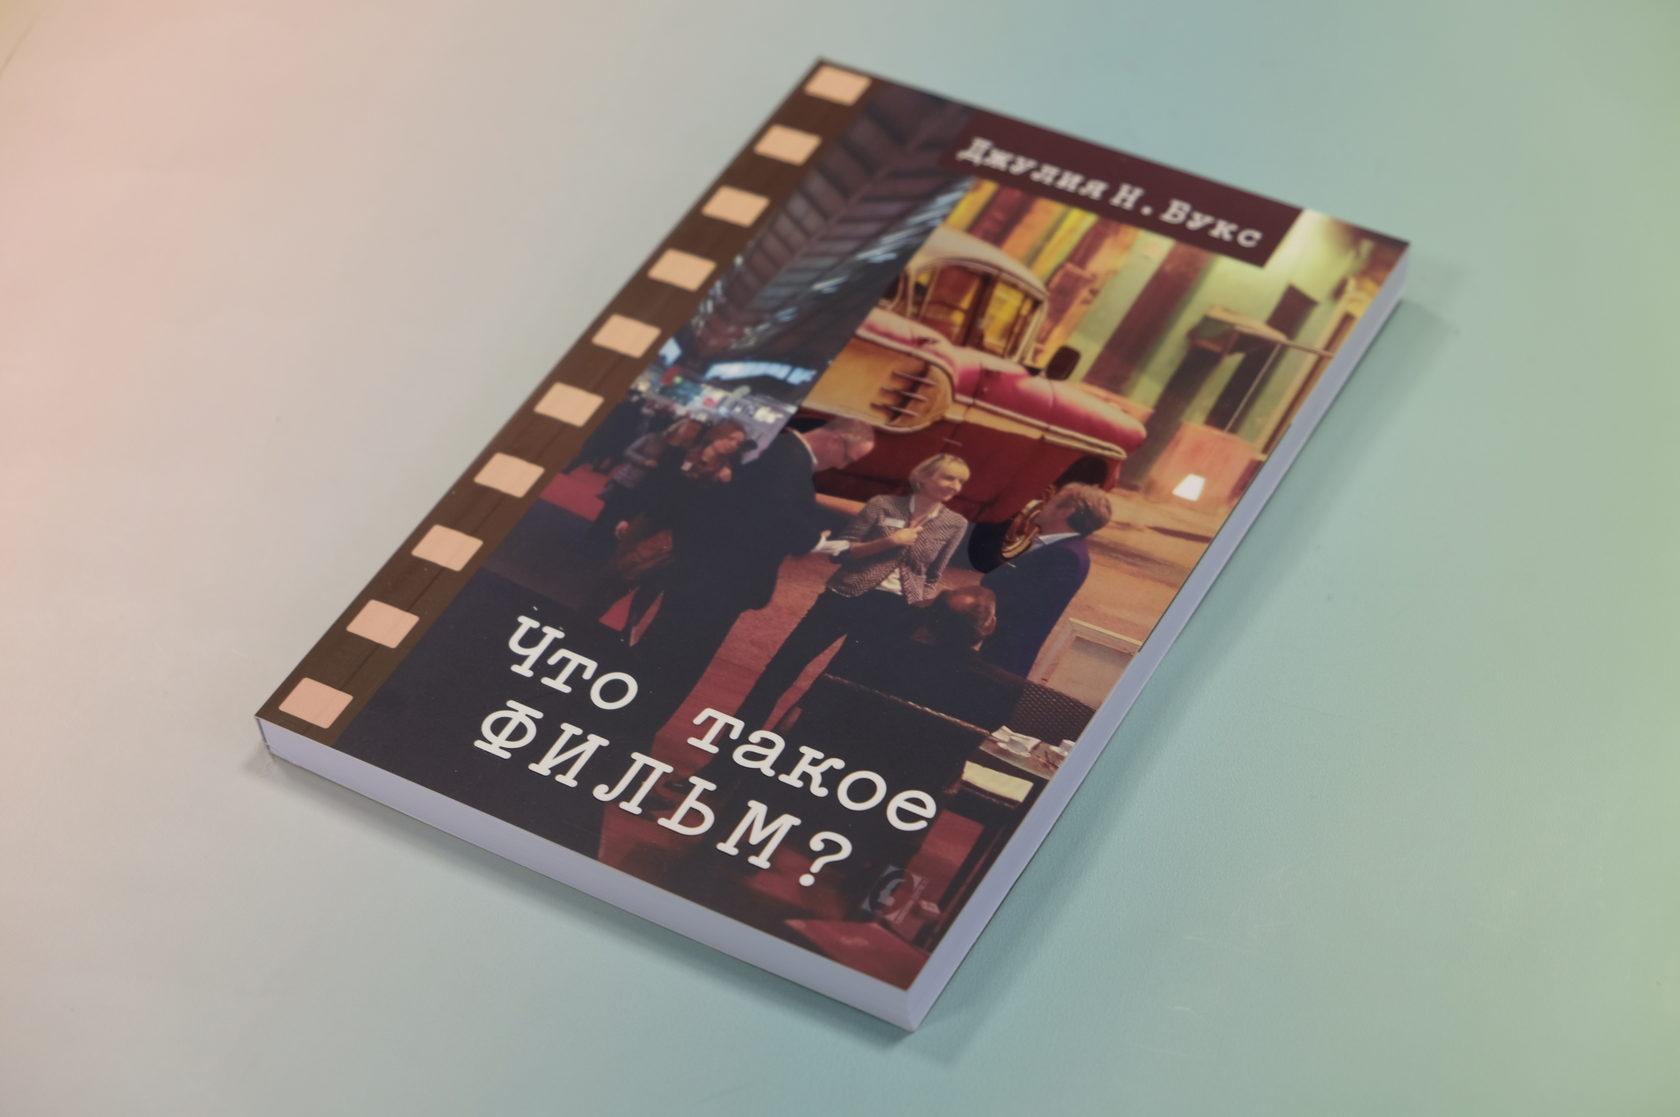 Джулия Н. Букс «Что такое фильм?»